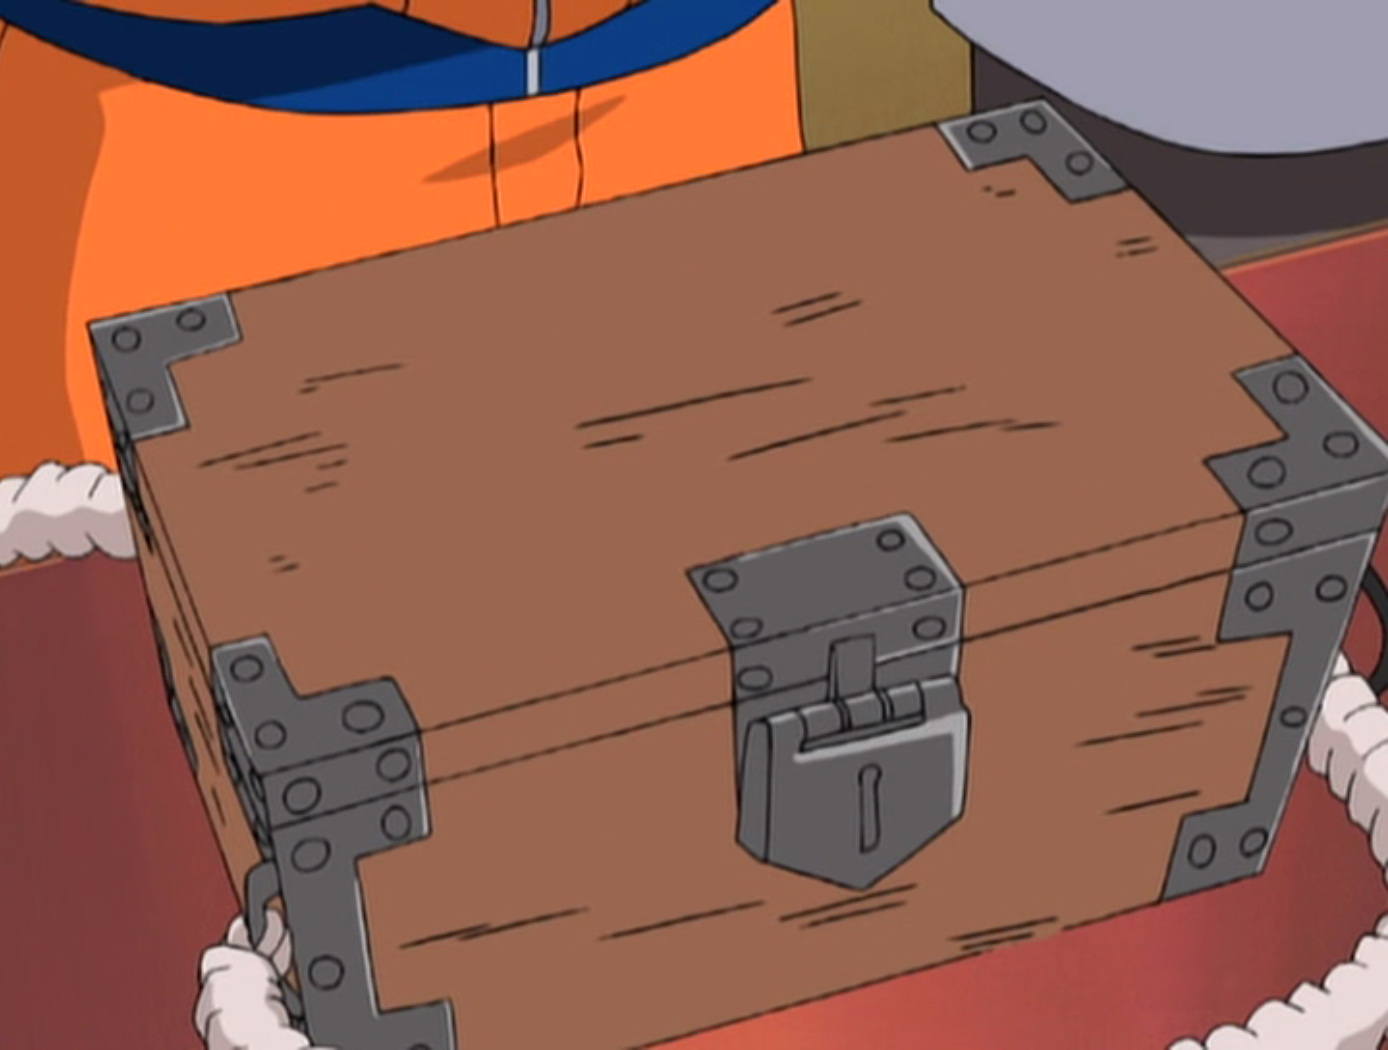 Naruto - Episódio 176: Corra, Desvie, Zig-zague! Perseguir ou ser Perseguido!